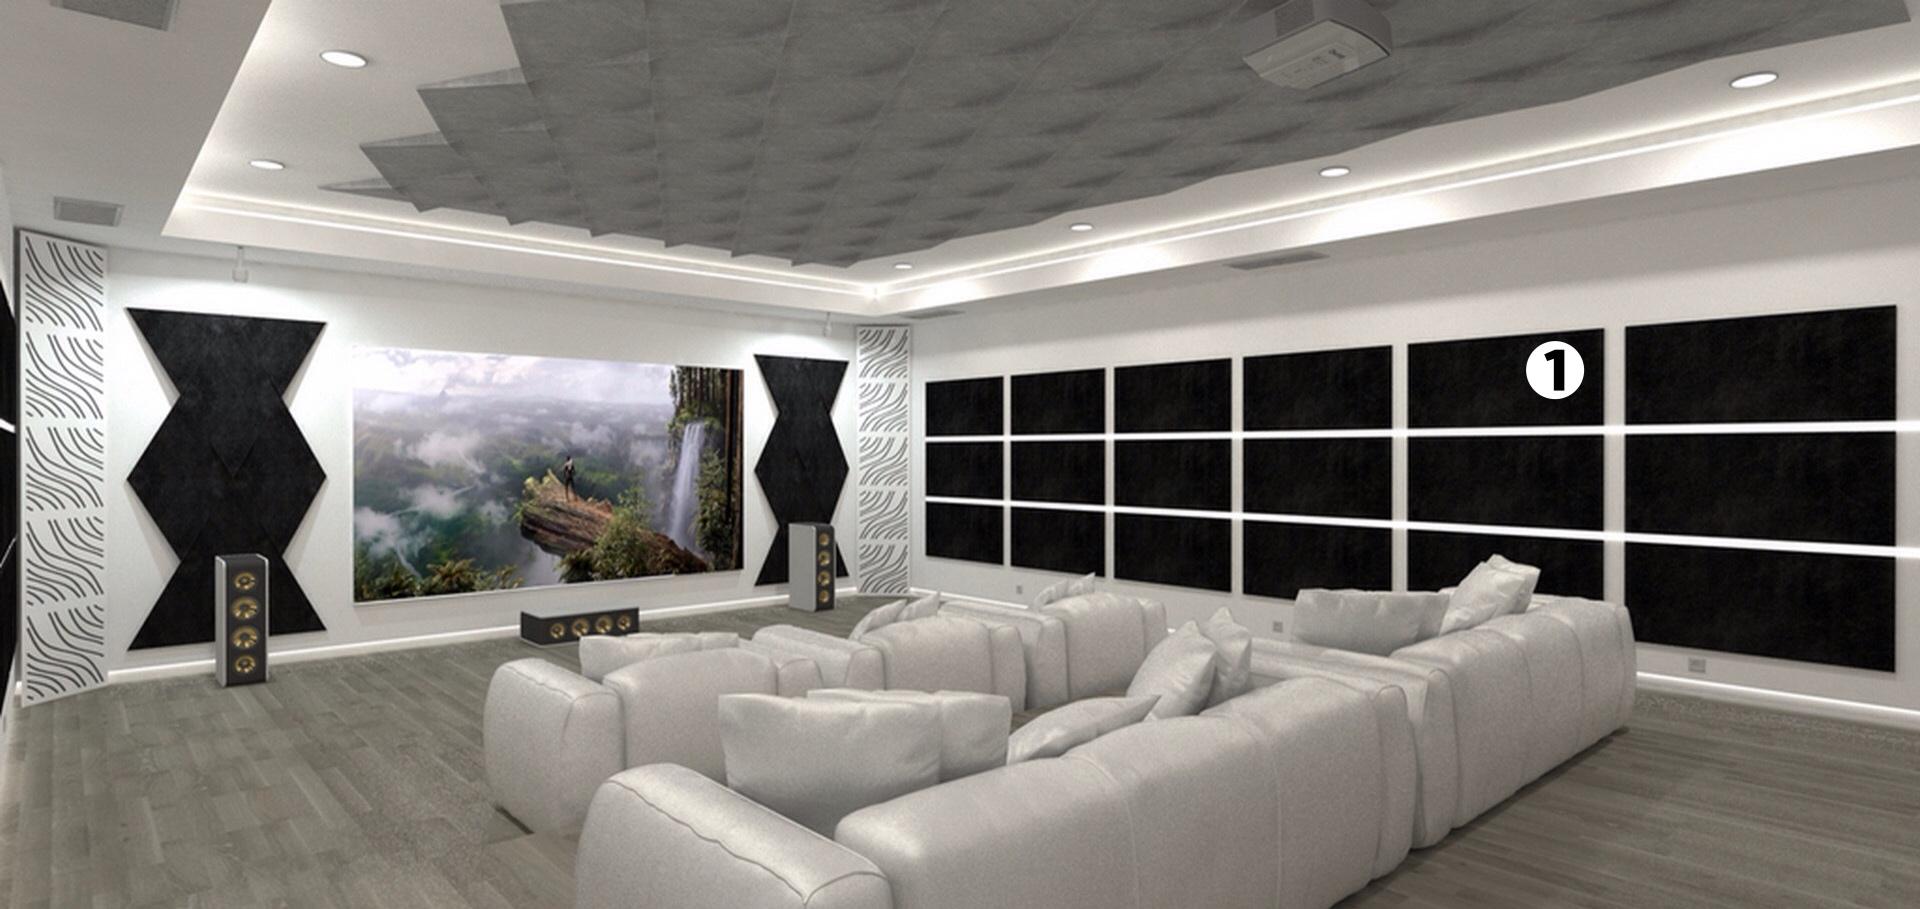 acondicionamiento acustico home-cinema